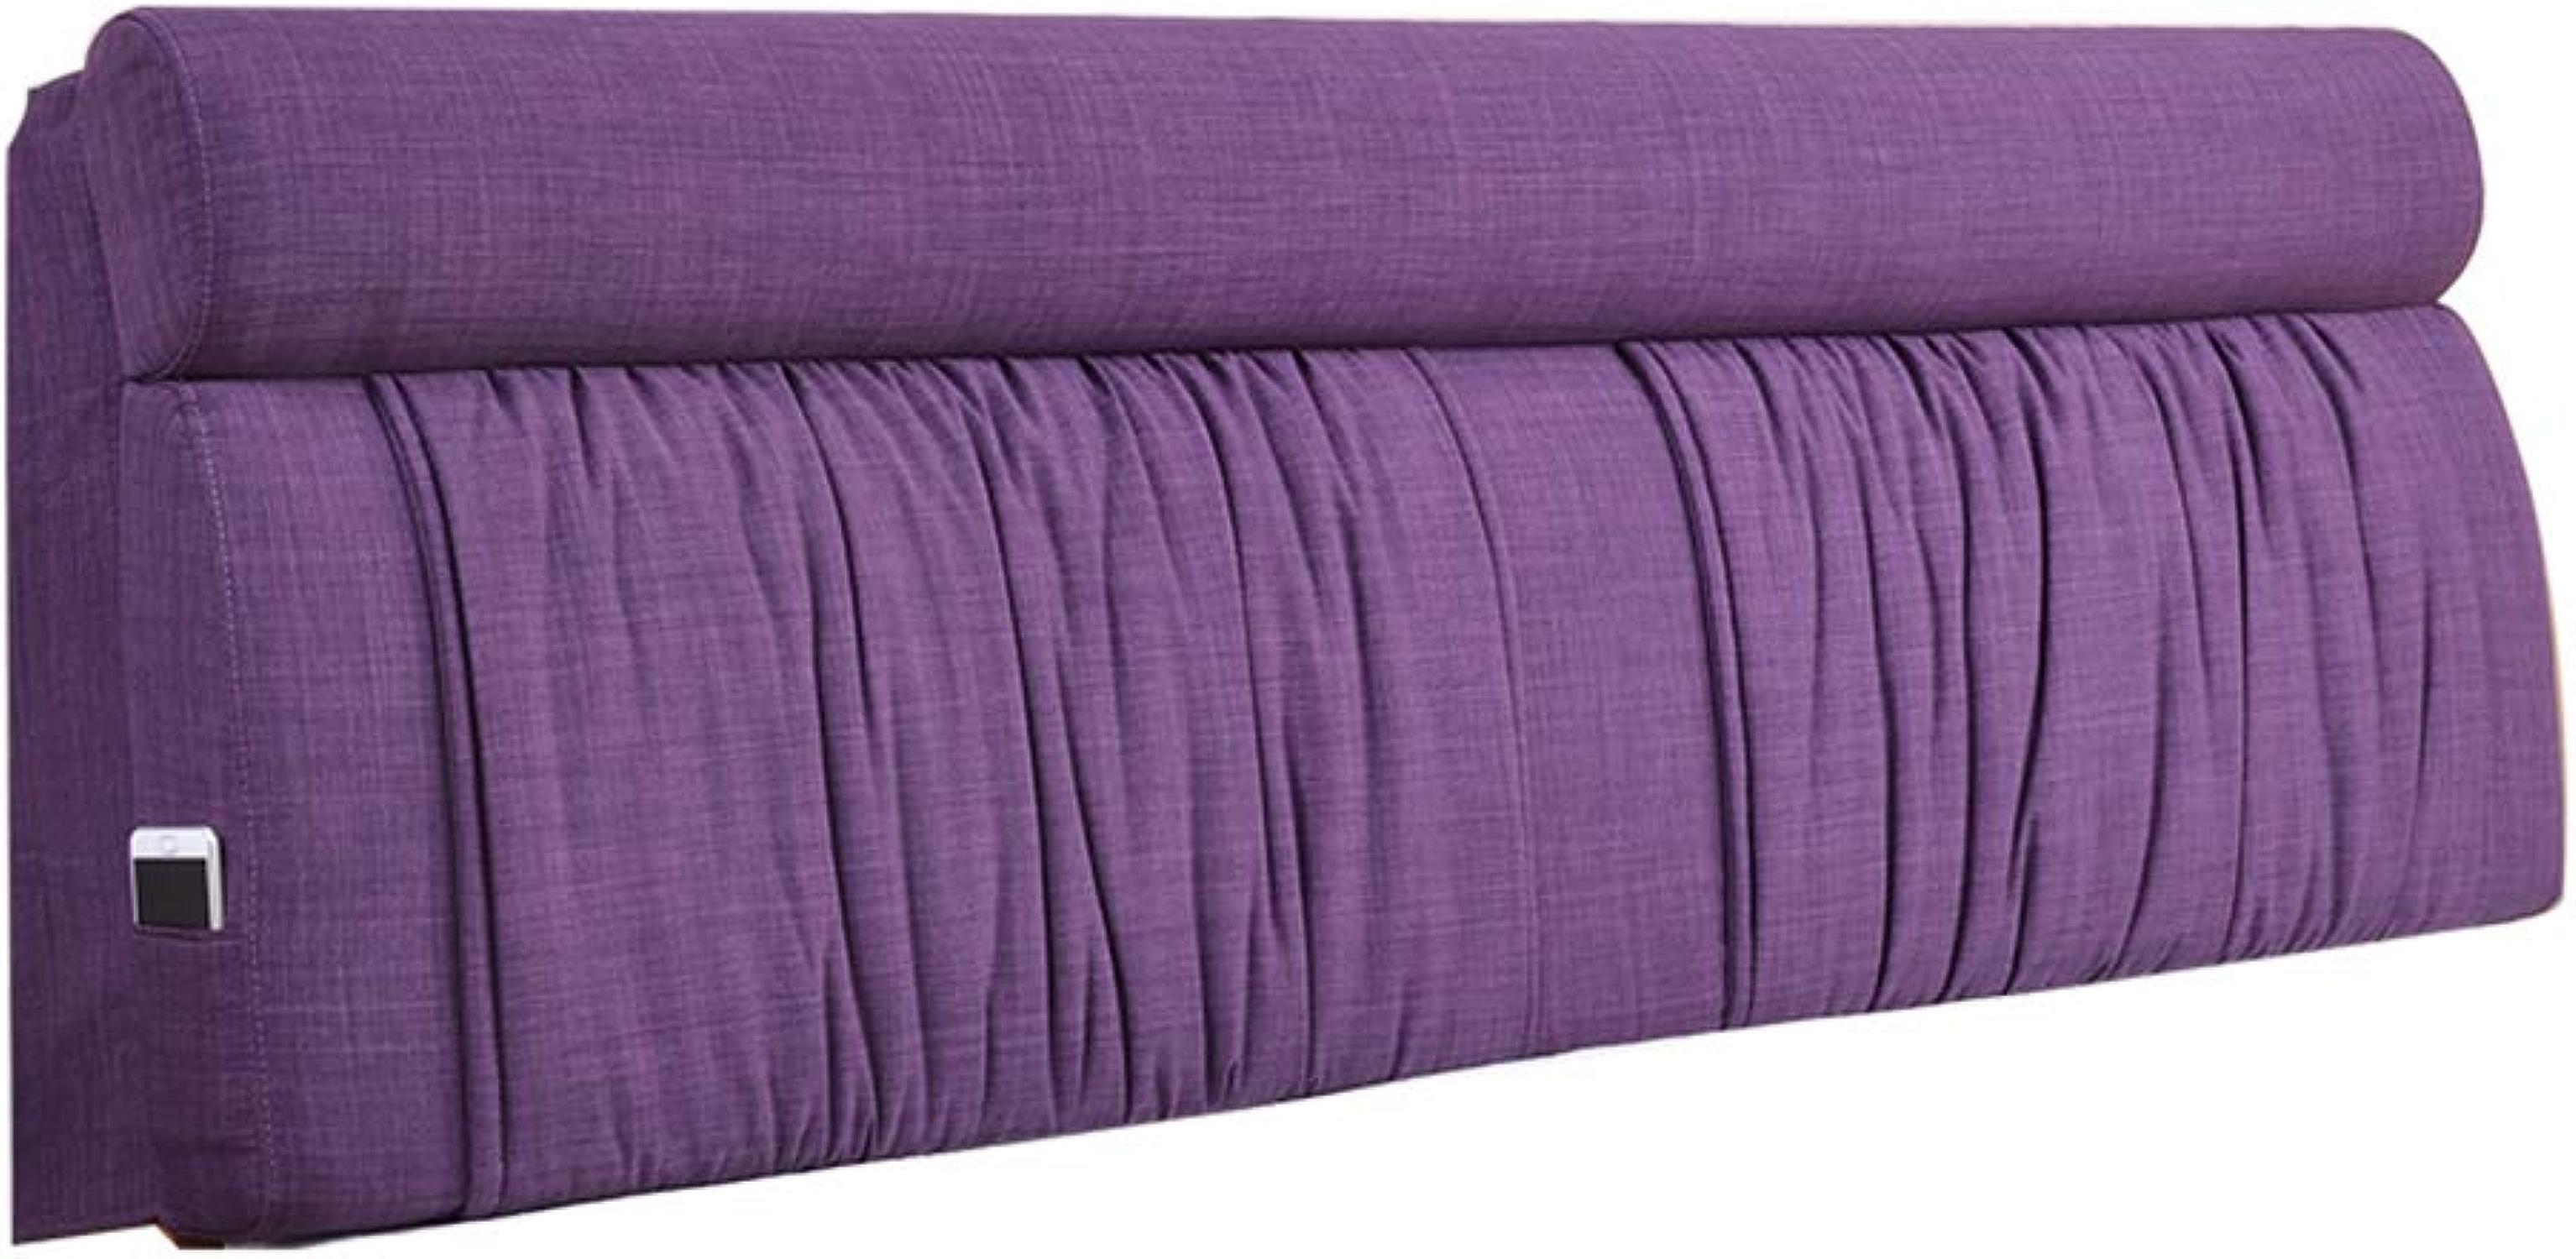 KKCF-Coussins de chevet Doux pour La Peau Respirant Lavable étui Souple Accueil Lin, 5 Couleurs 8 Tailles (Couleur   violet, Taille   120x60x12cm)